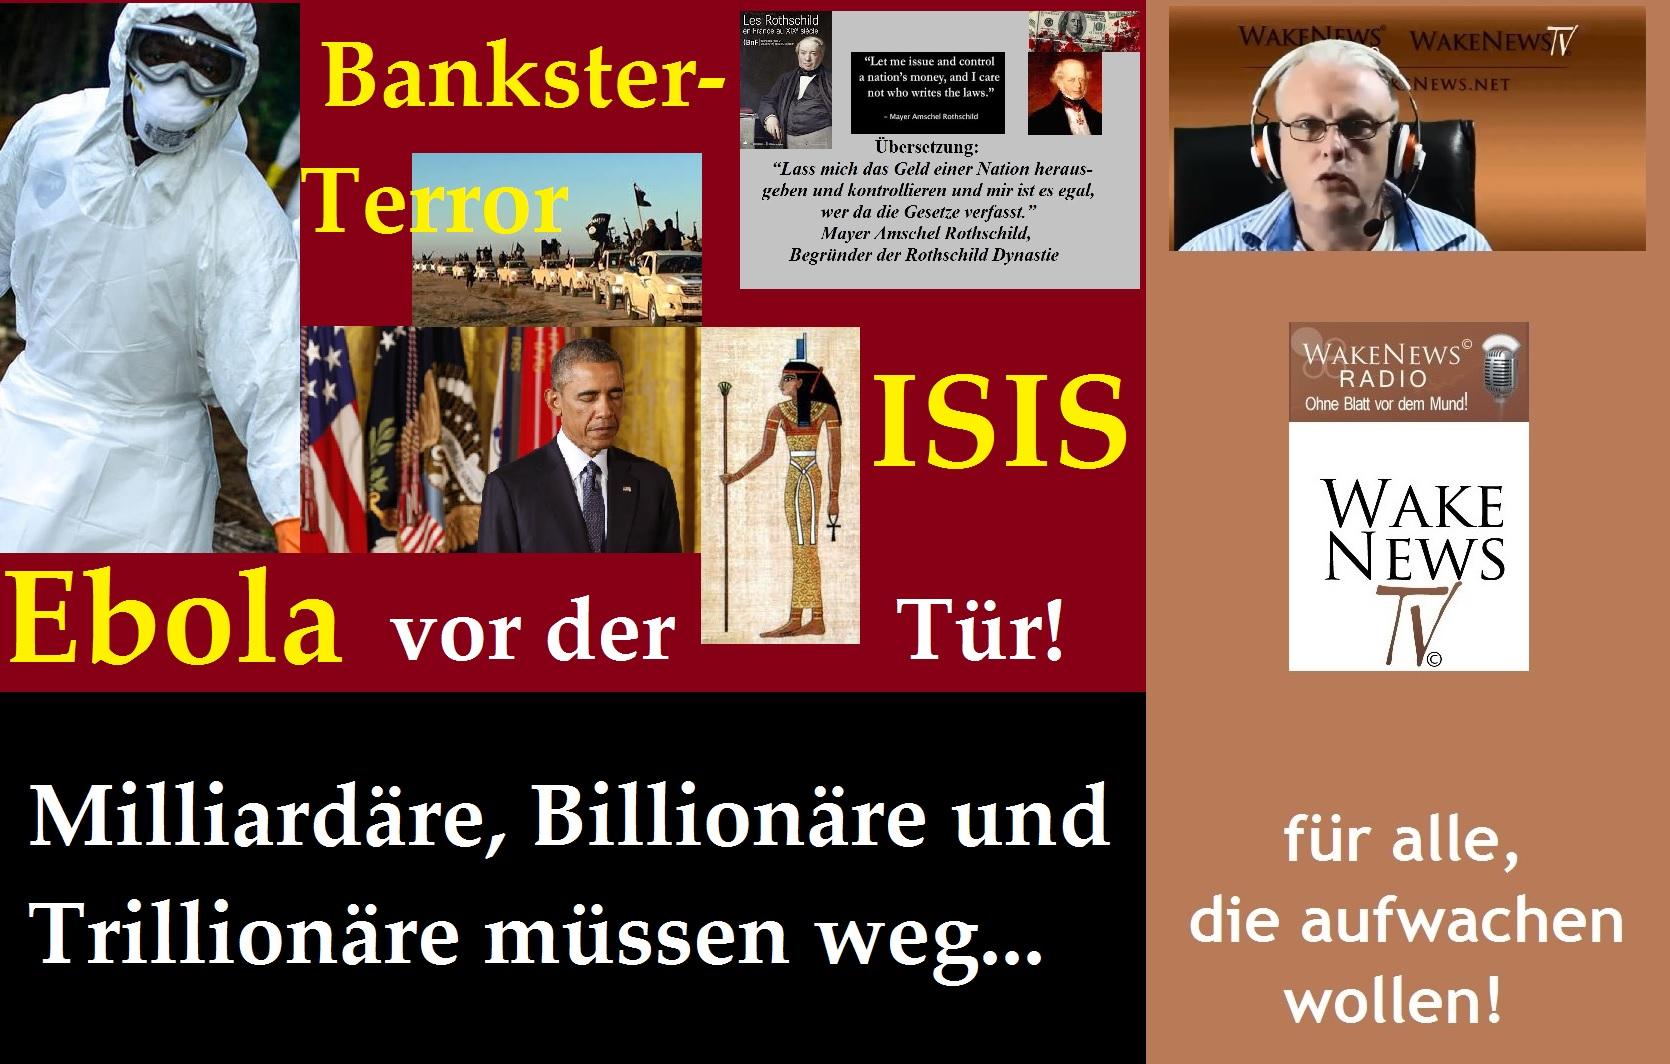 Bankster-Terror, Ebola + ISIS vor der Tür